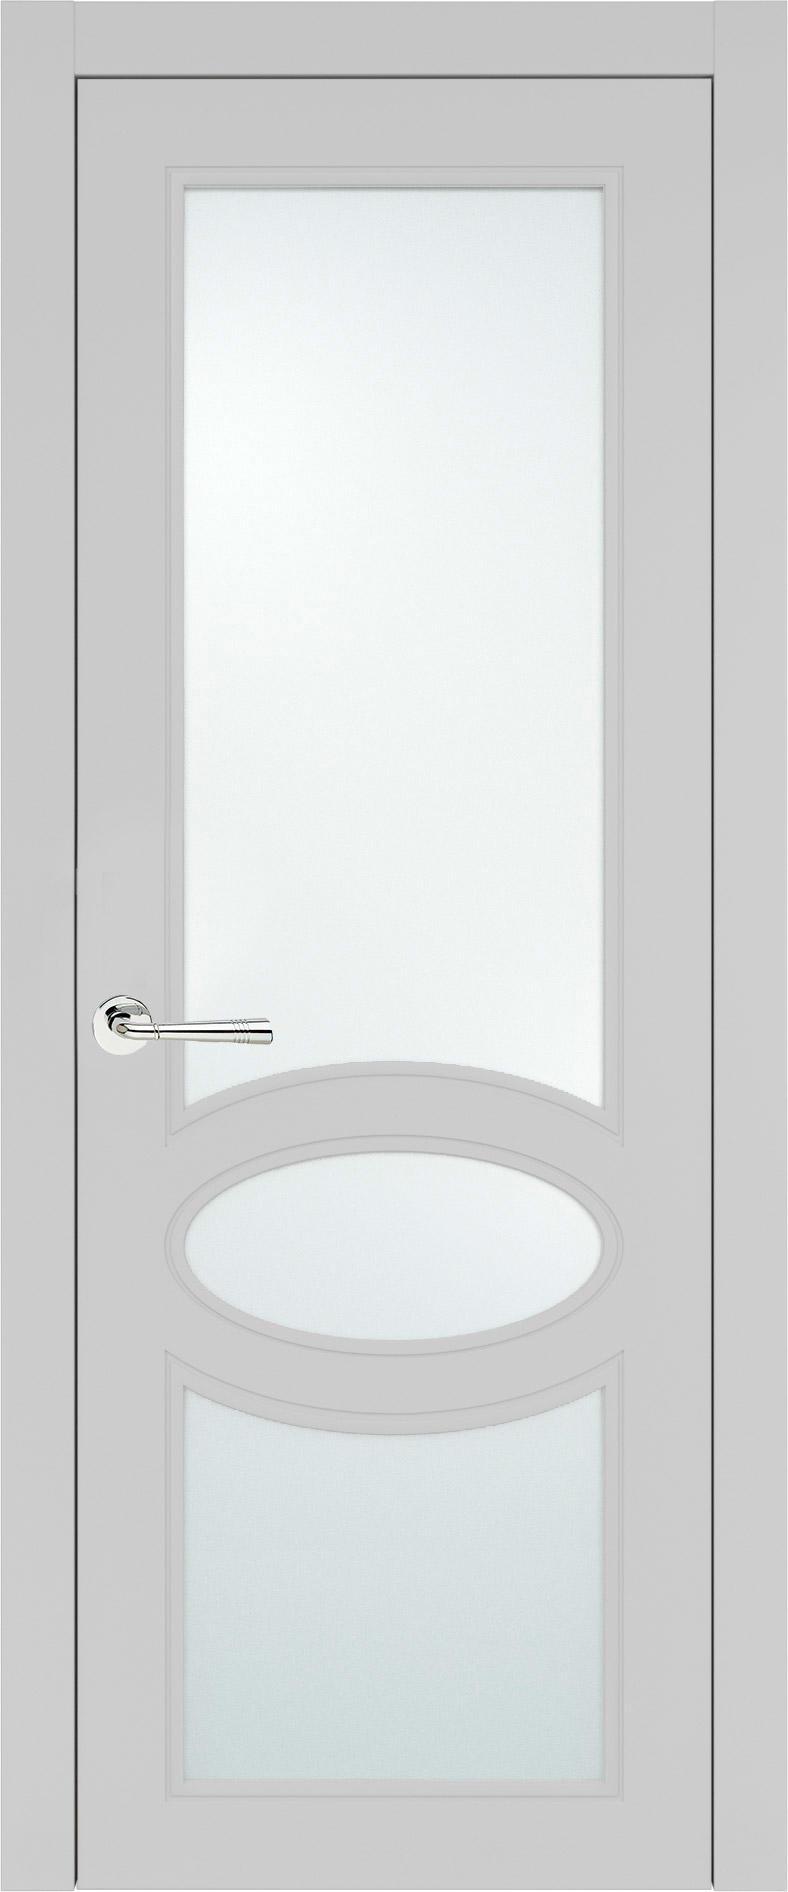 Florencia Neo Classic цвет - Серая эмаль (RAL 7047) Со стеклом (ДО)